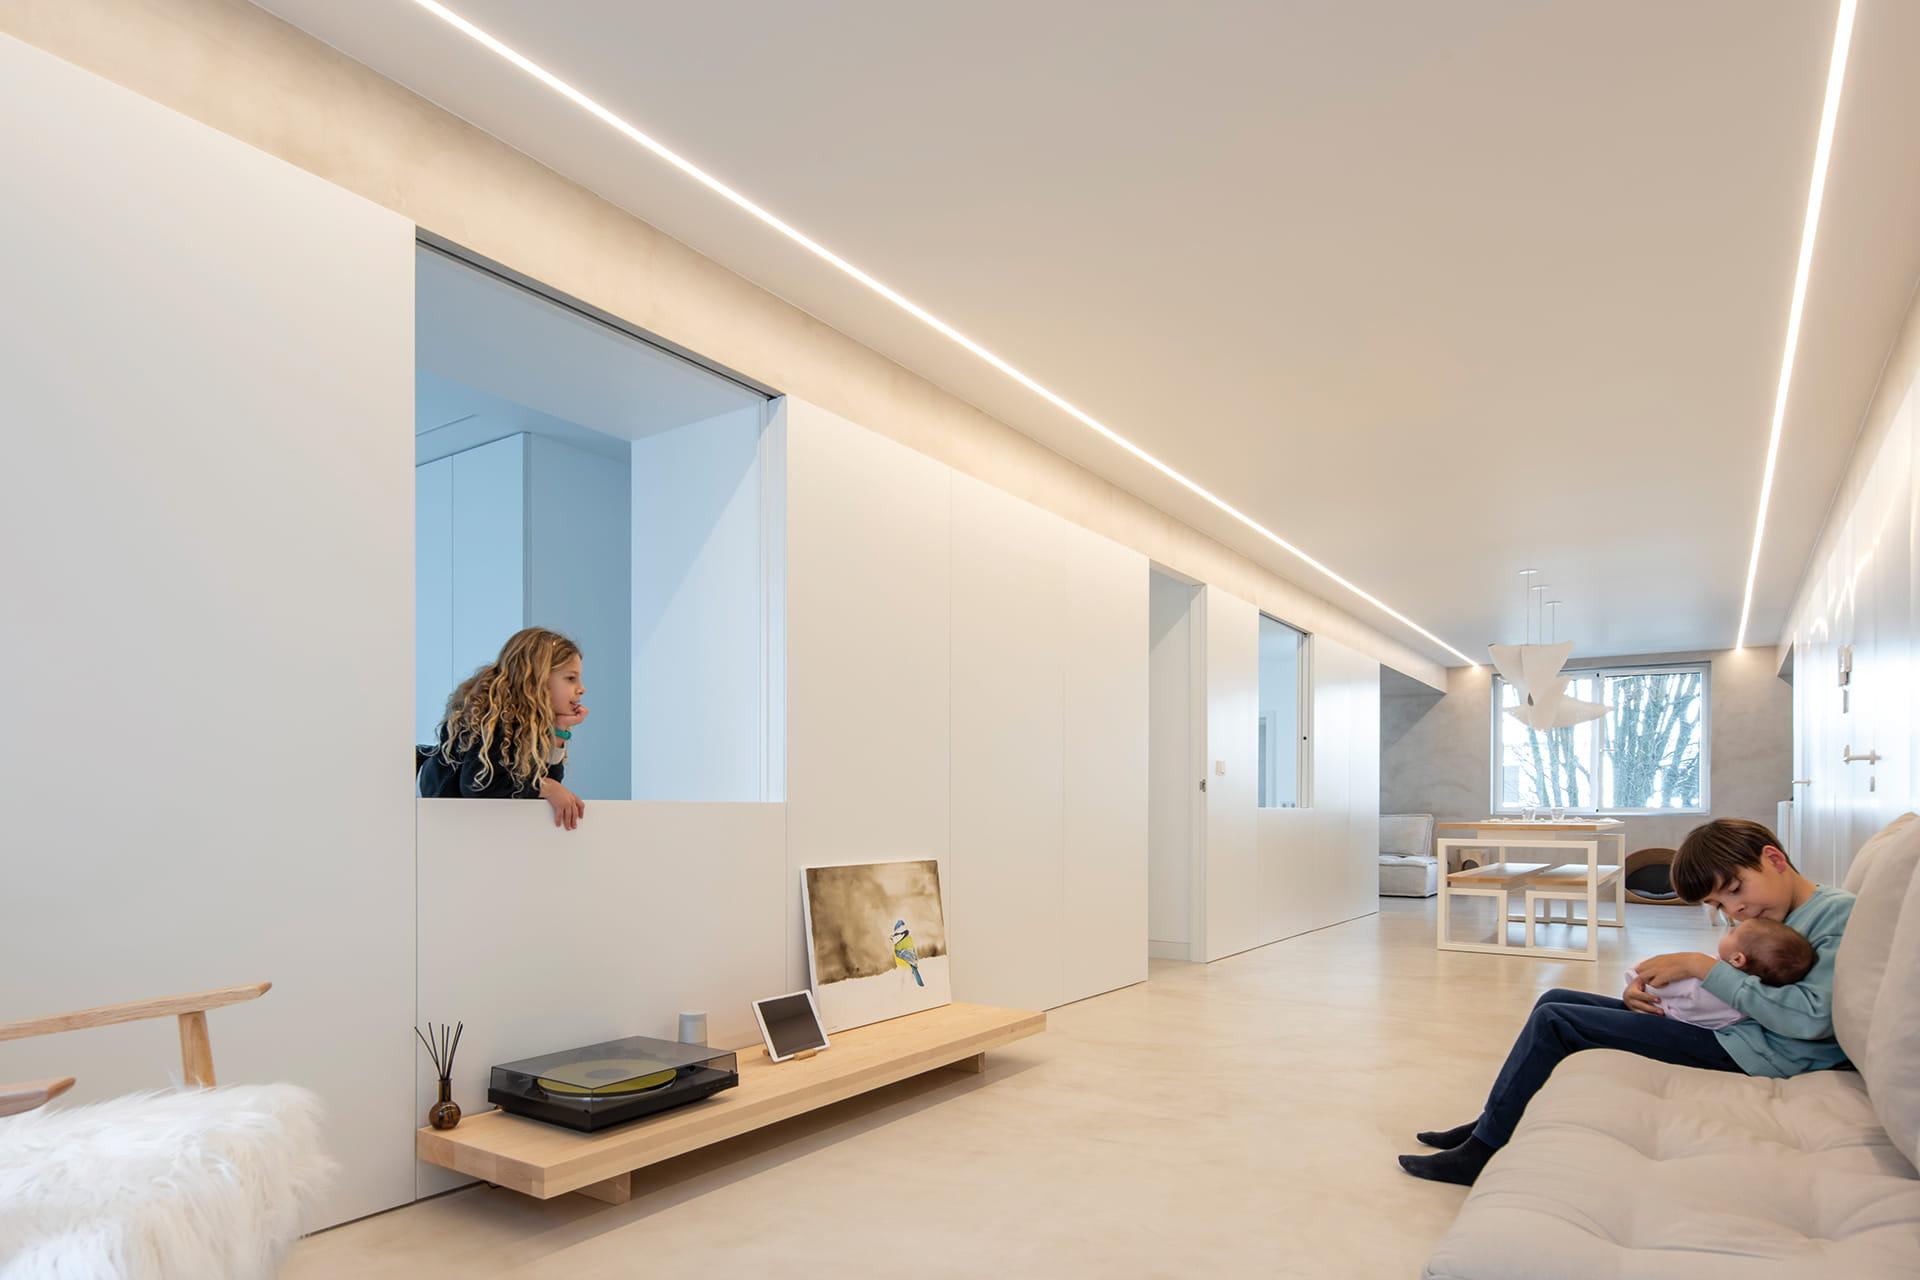 Iluminación perfil LED blanco empotrado al techo